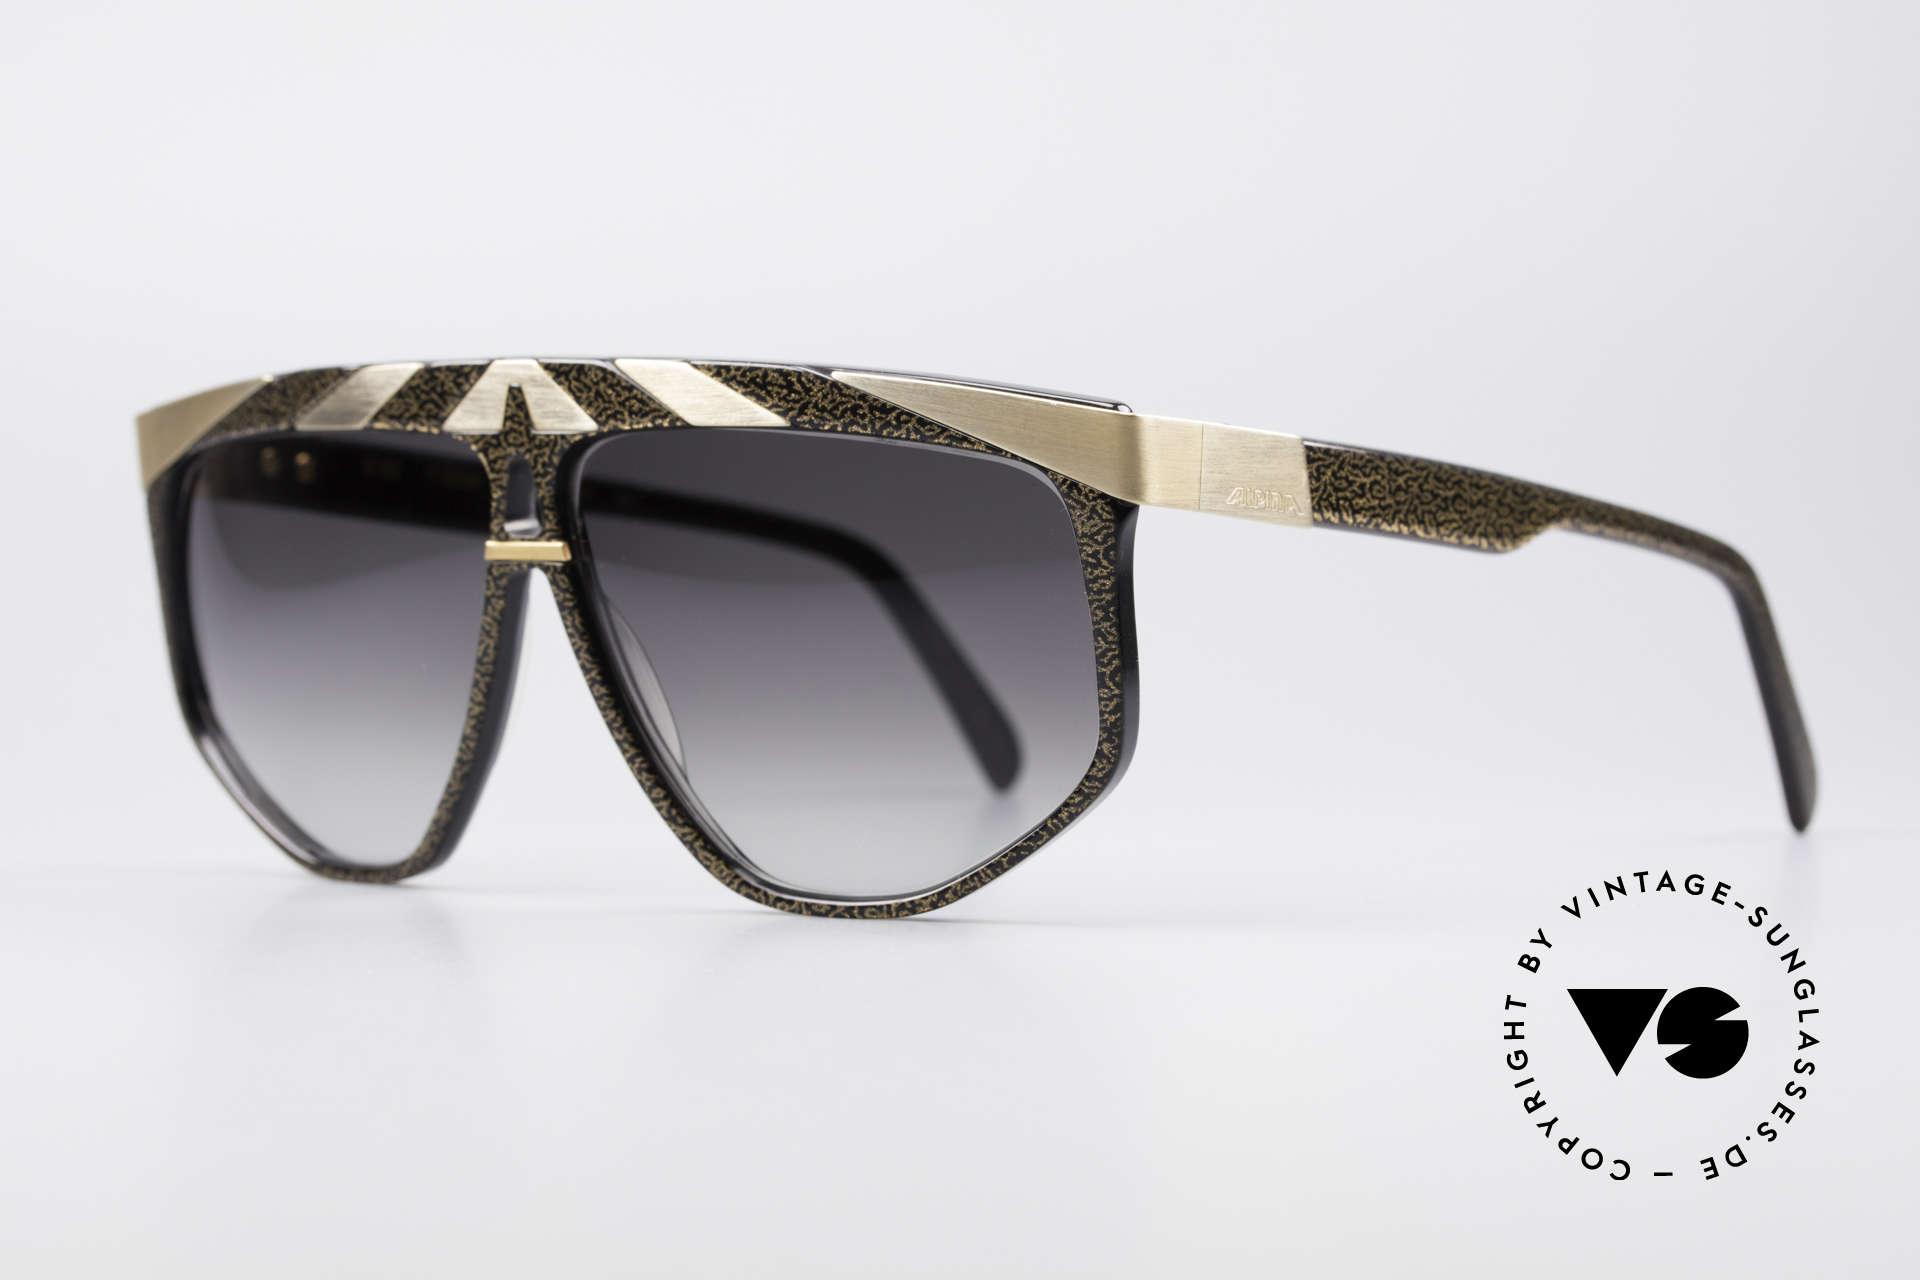 Alpina G82 Vergoldete 80er Sonnenbrille, echte Handarbeit aus den 80ern (made in W.Germany), Passend für Herren und Damen